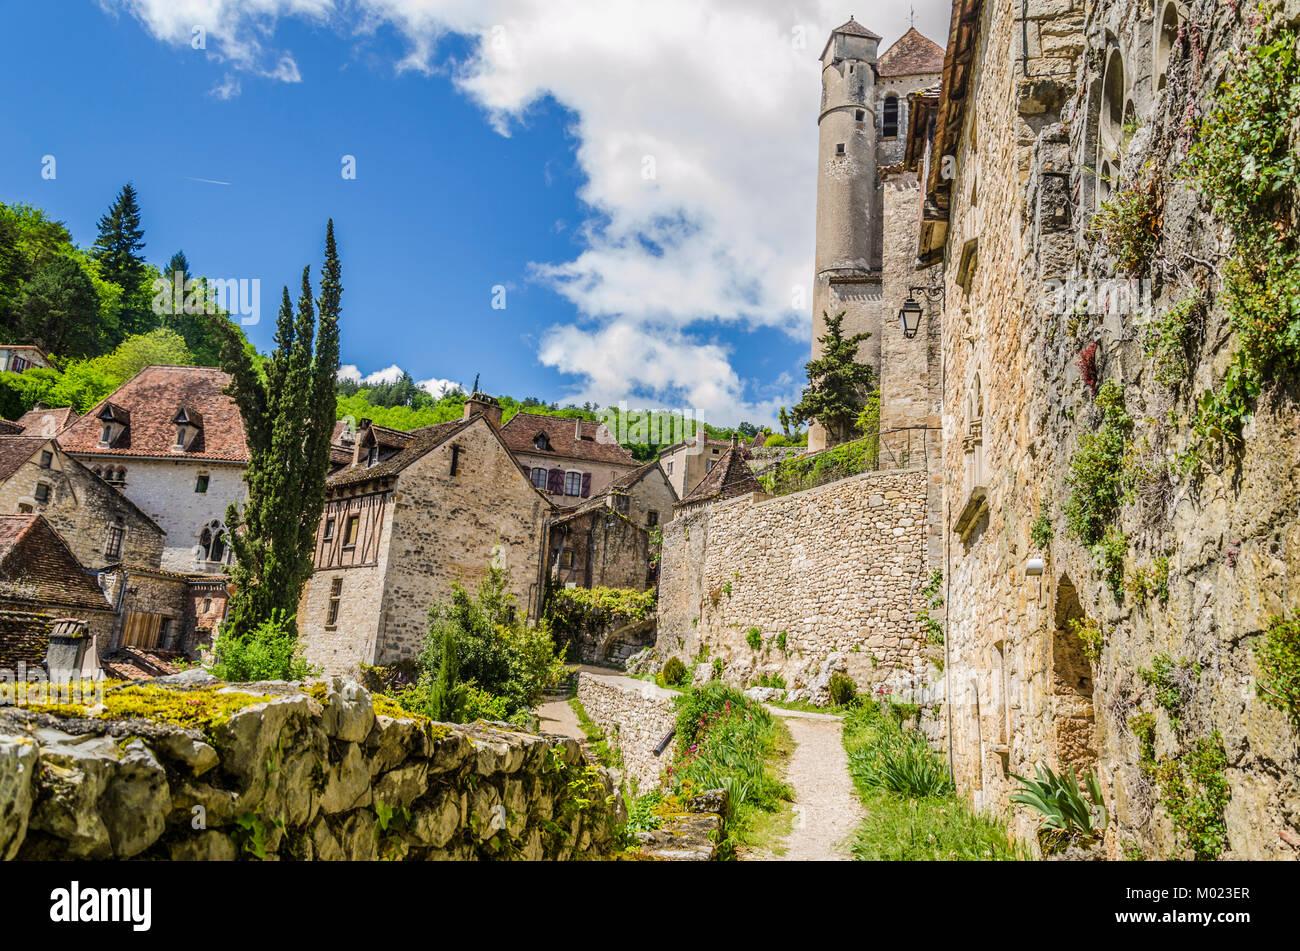 Im Departement Lot und in der französischen Ortschaft midi Pyrenäen finden wir das Dorf Saint Cirq Lapopie Stockbild